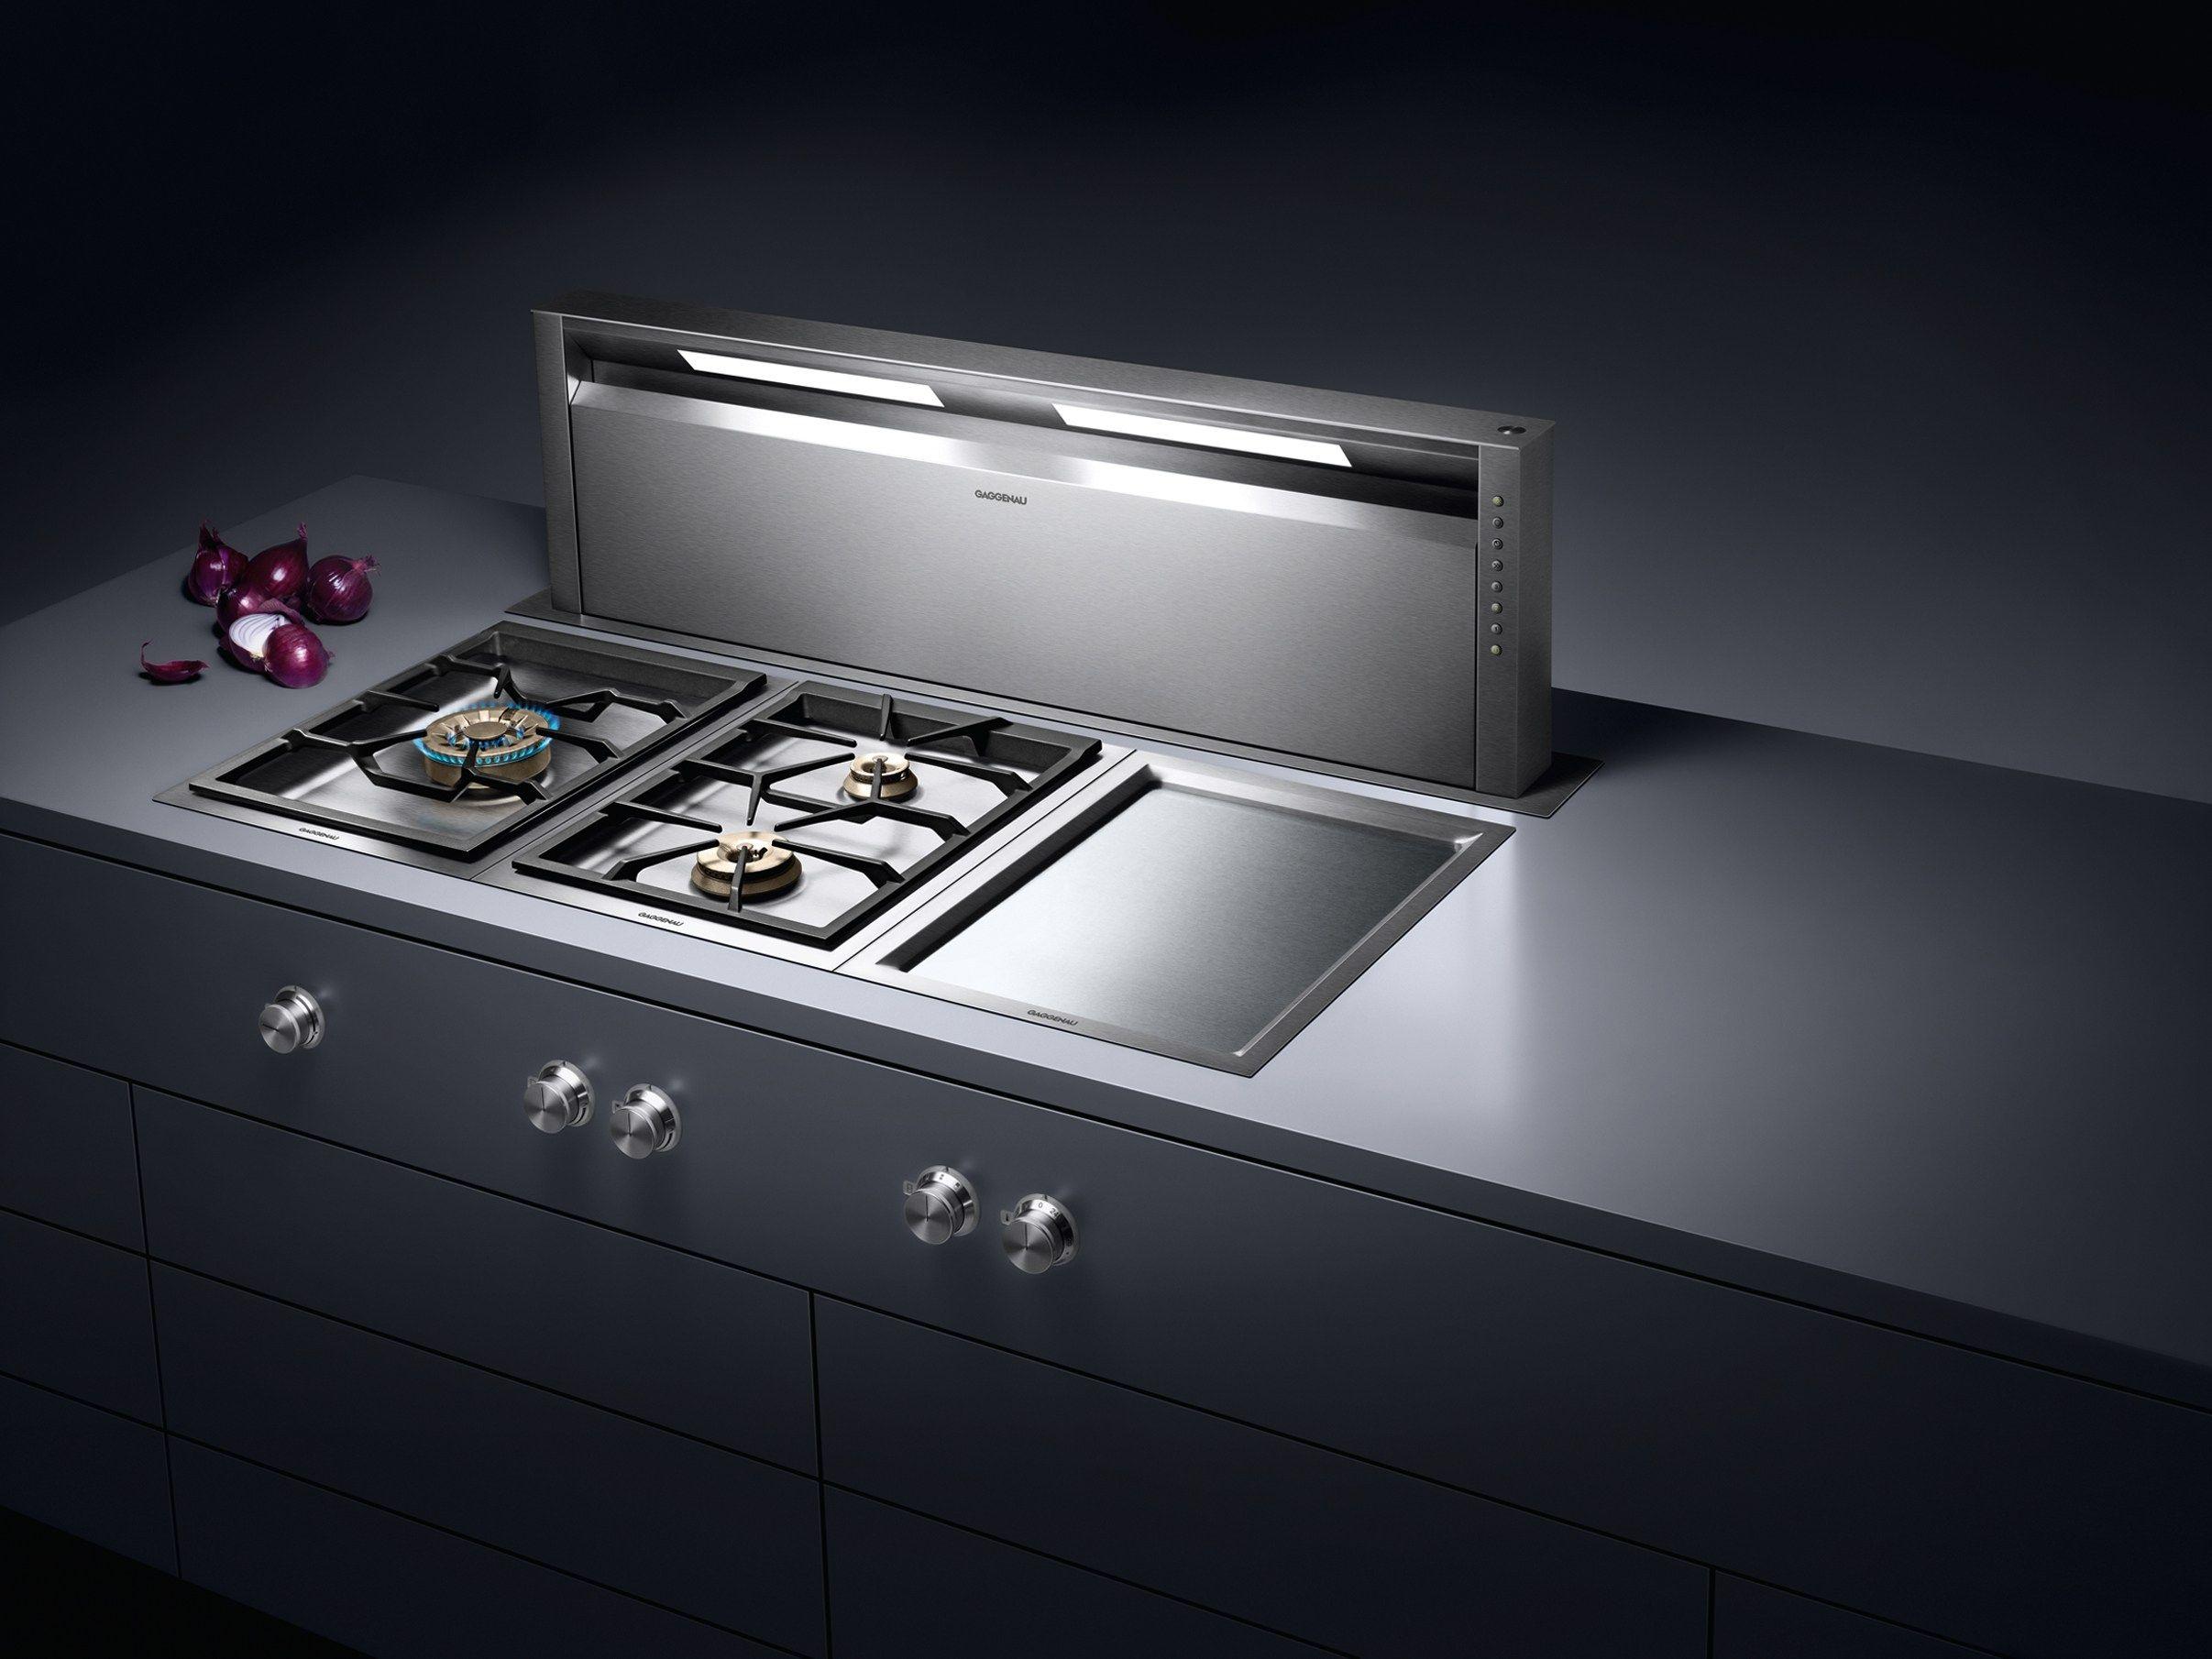 Charmant Doppelküchenspüle Preis India Ideen - Ideen Für Die Küche ...